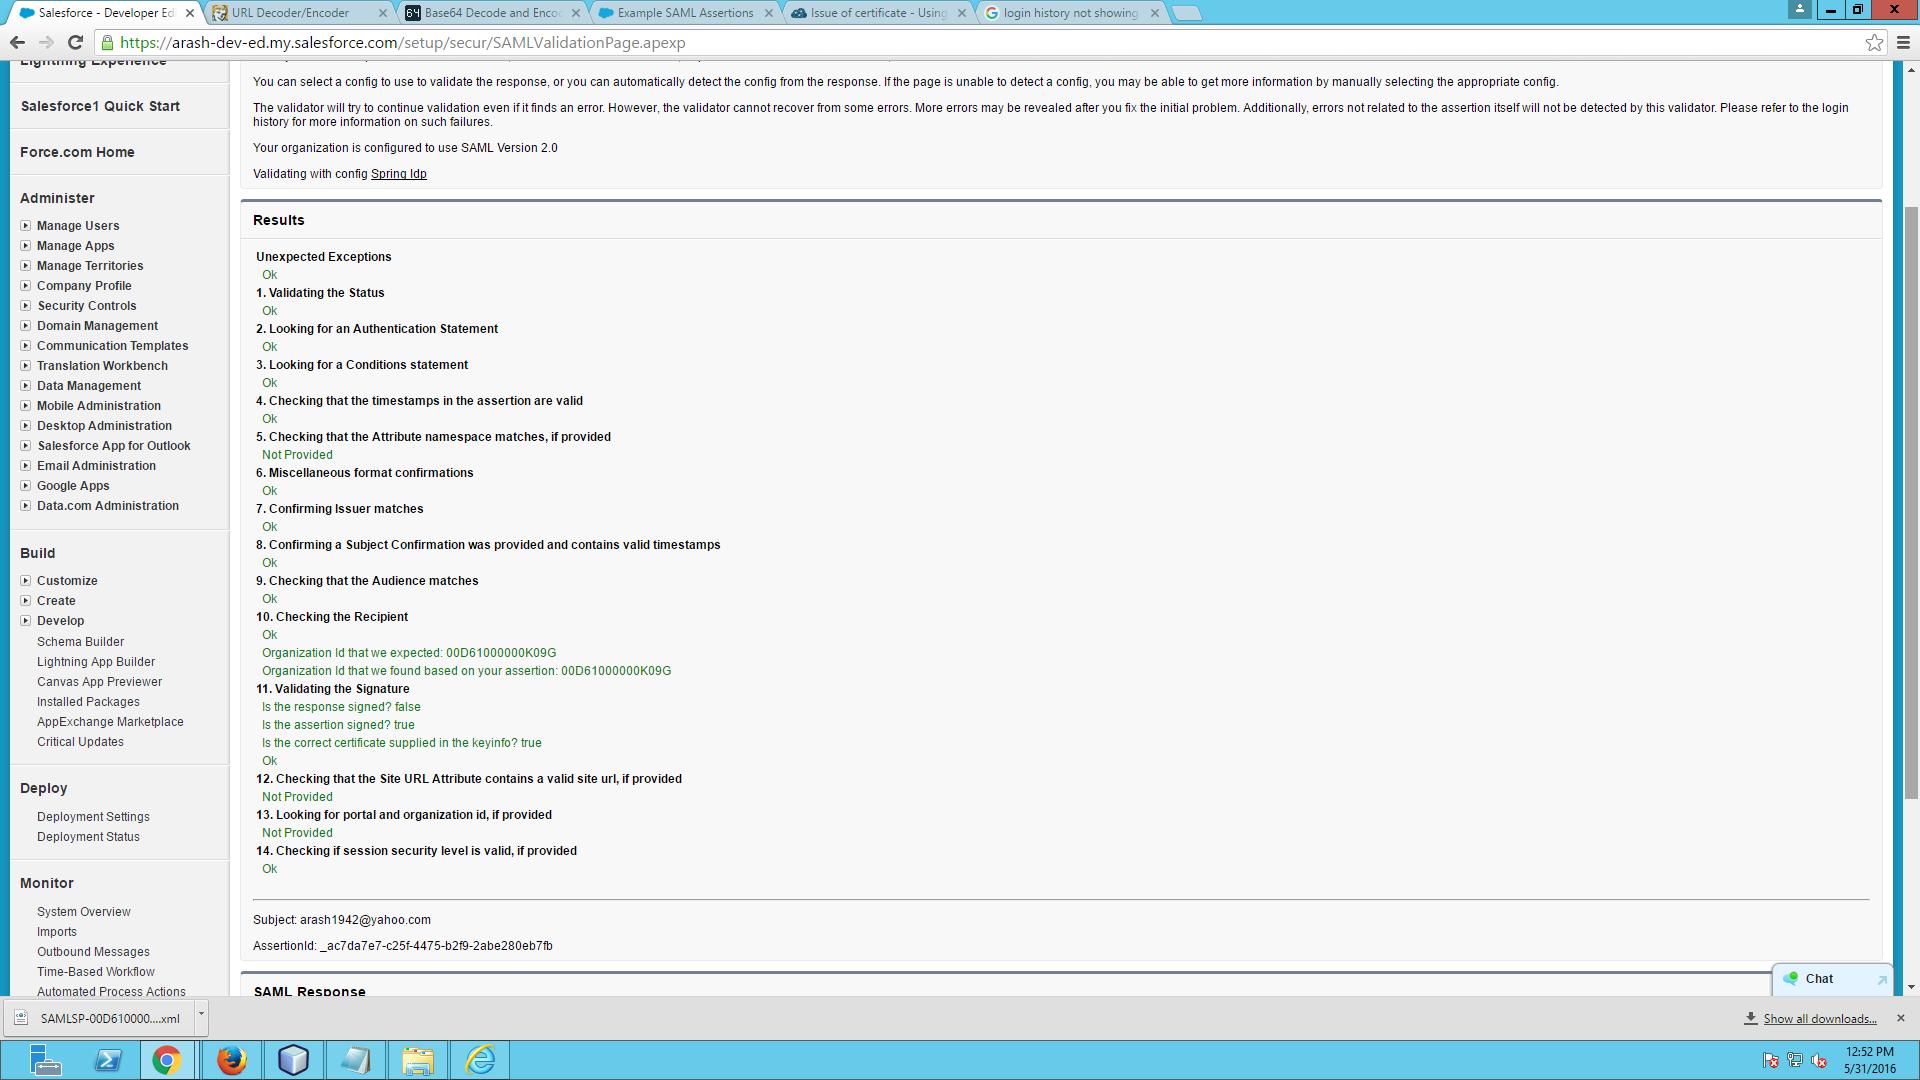 SAML Idp Login issue - Salesforce Developer Community